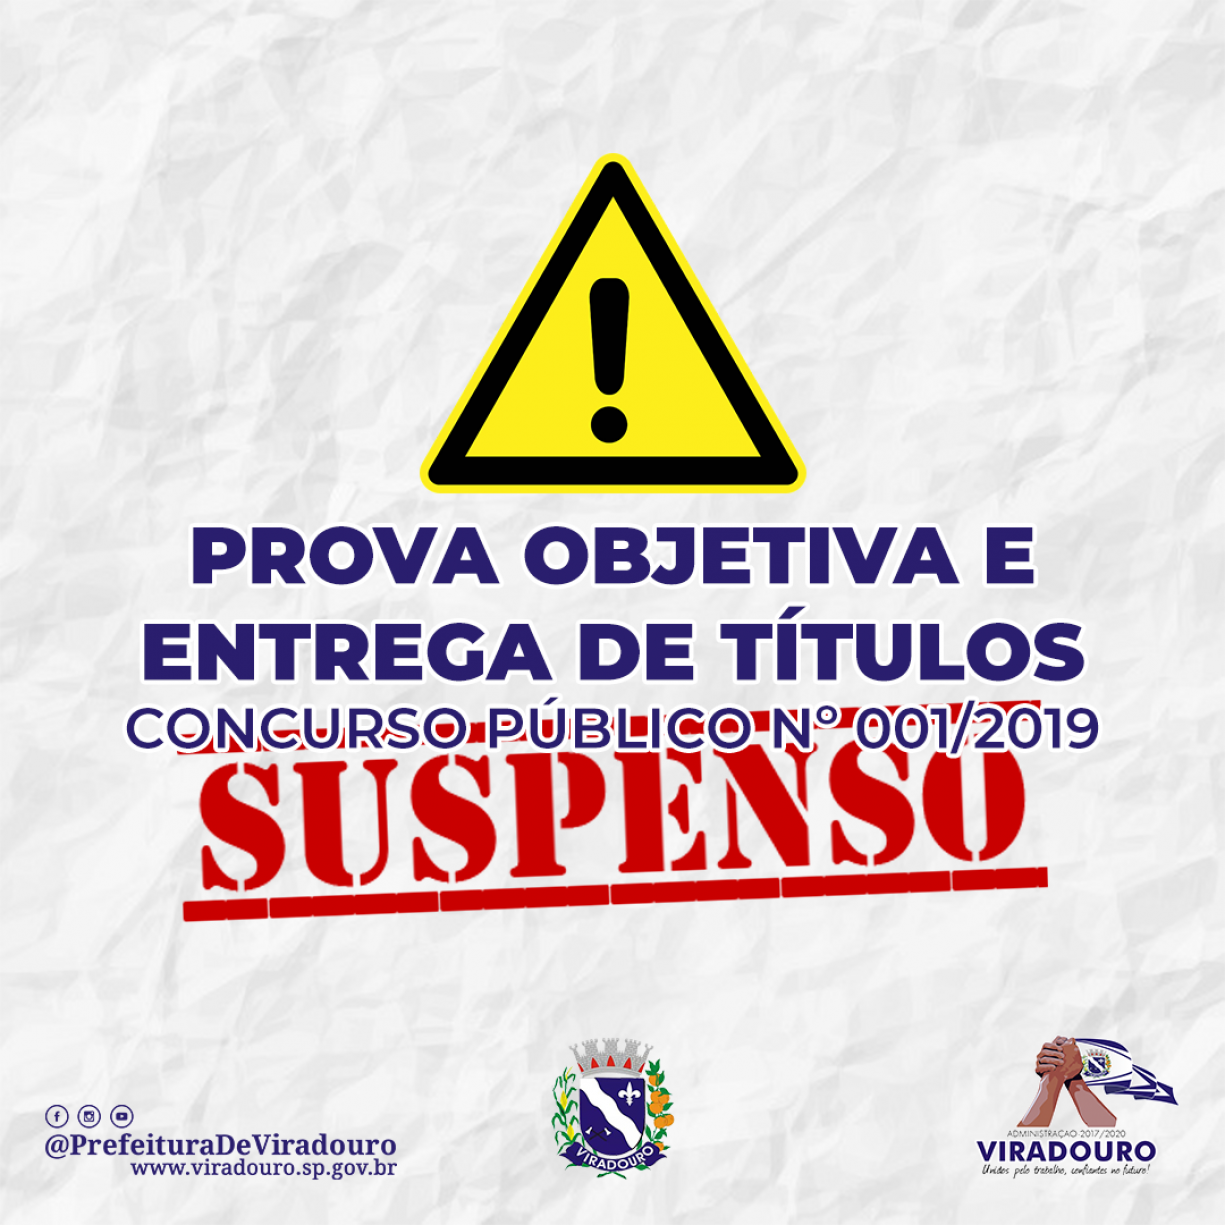 Concurso Público Nº 001/2019 - Suspensão